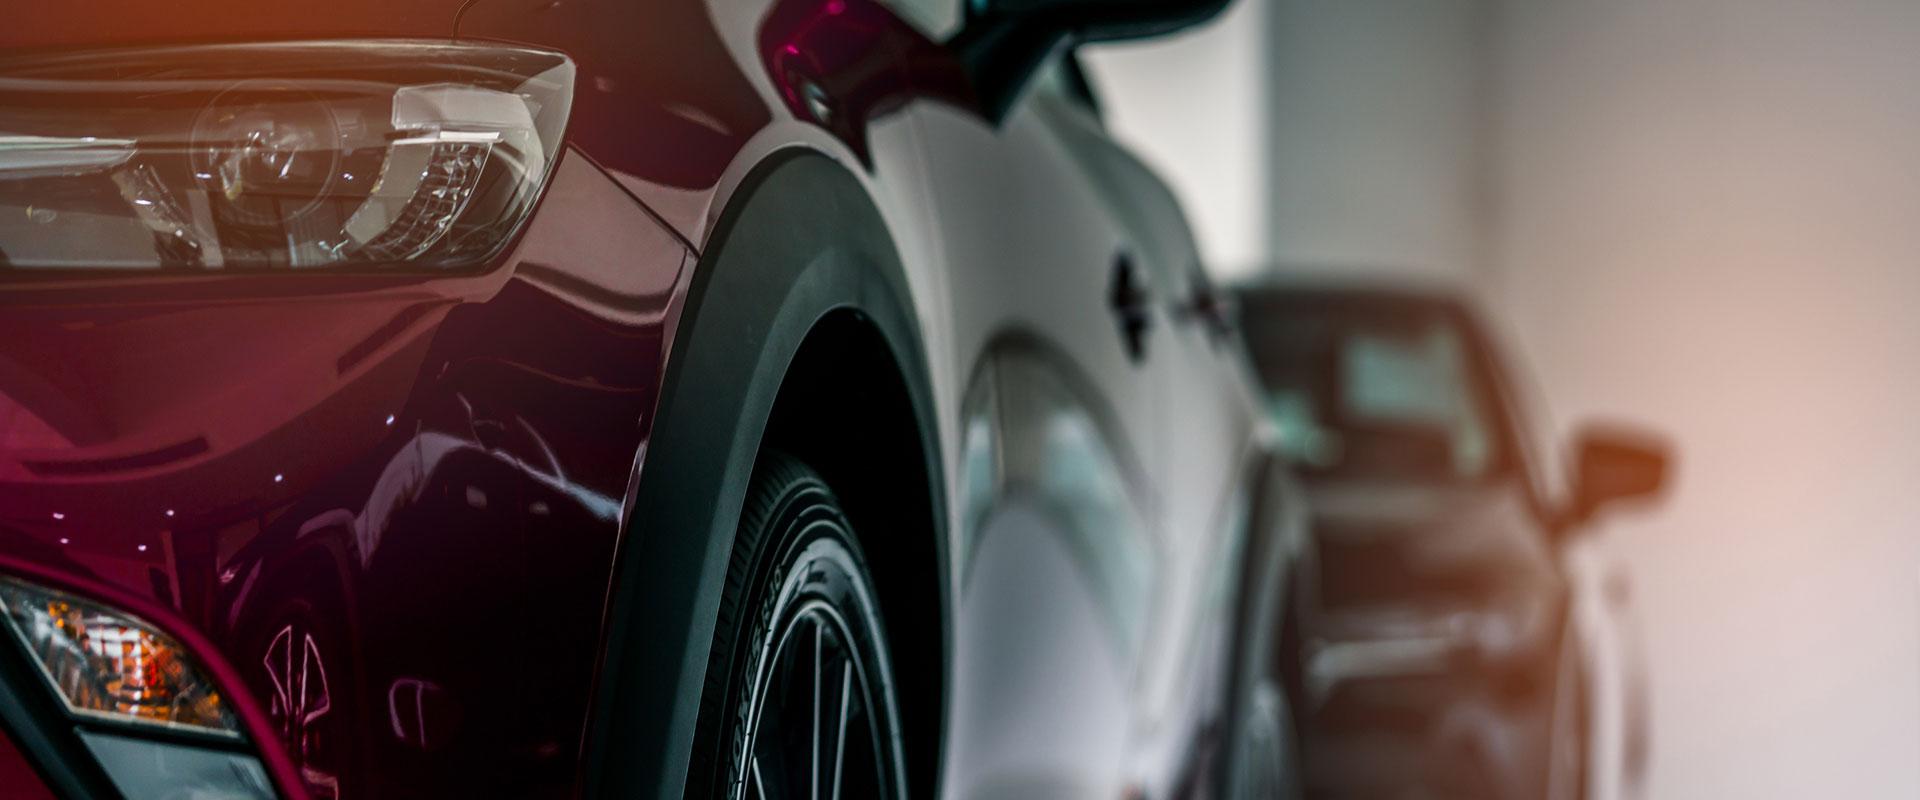 Auto Body Repair Near Me >> Auto Body Shop Collision Repair Poughkeepsie Ny